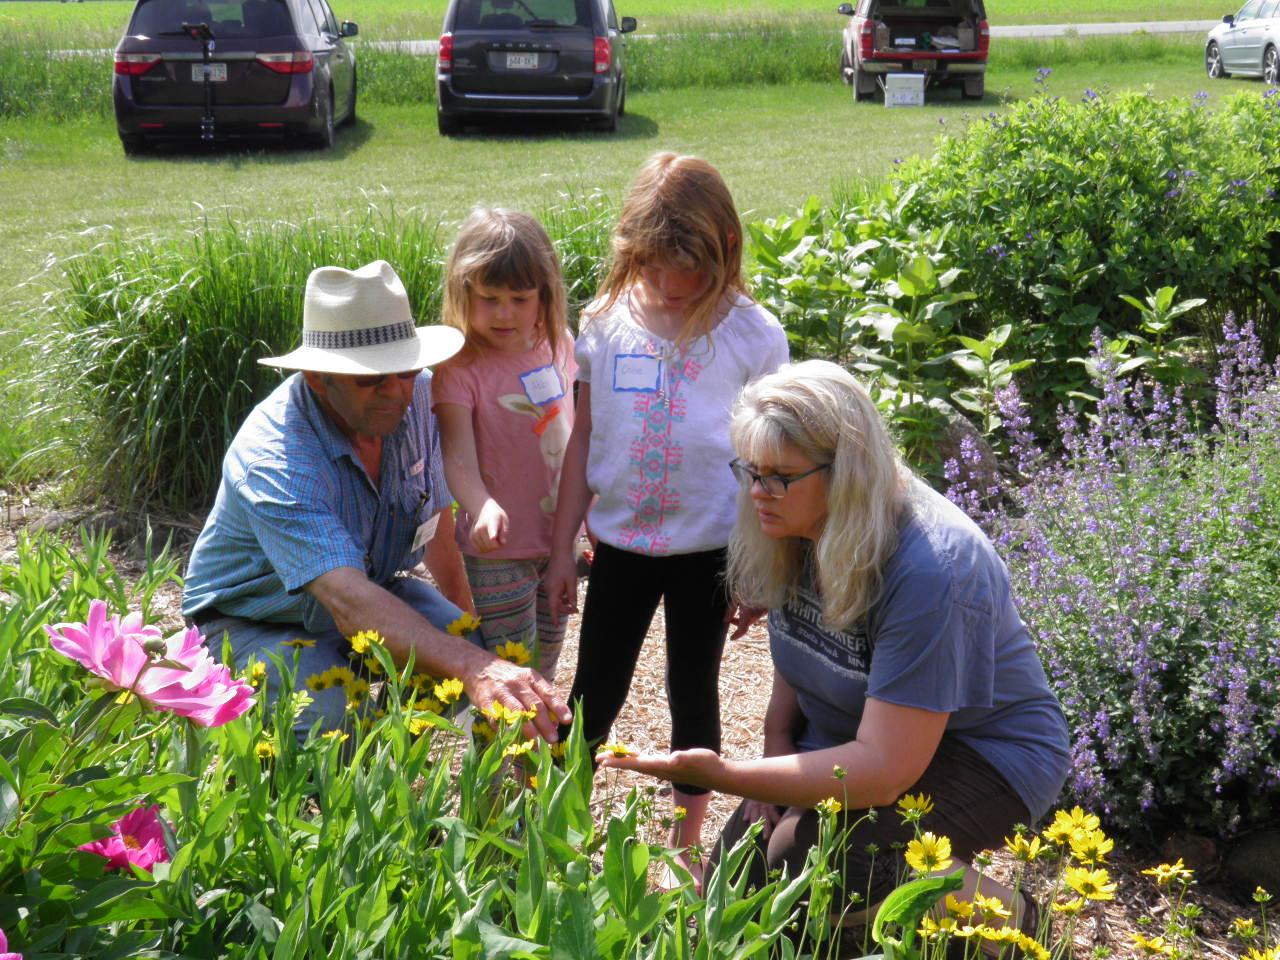 Kids exploring in the garden with Master Gardener Volunteers